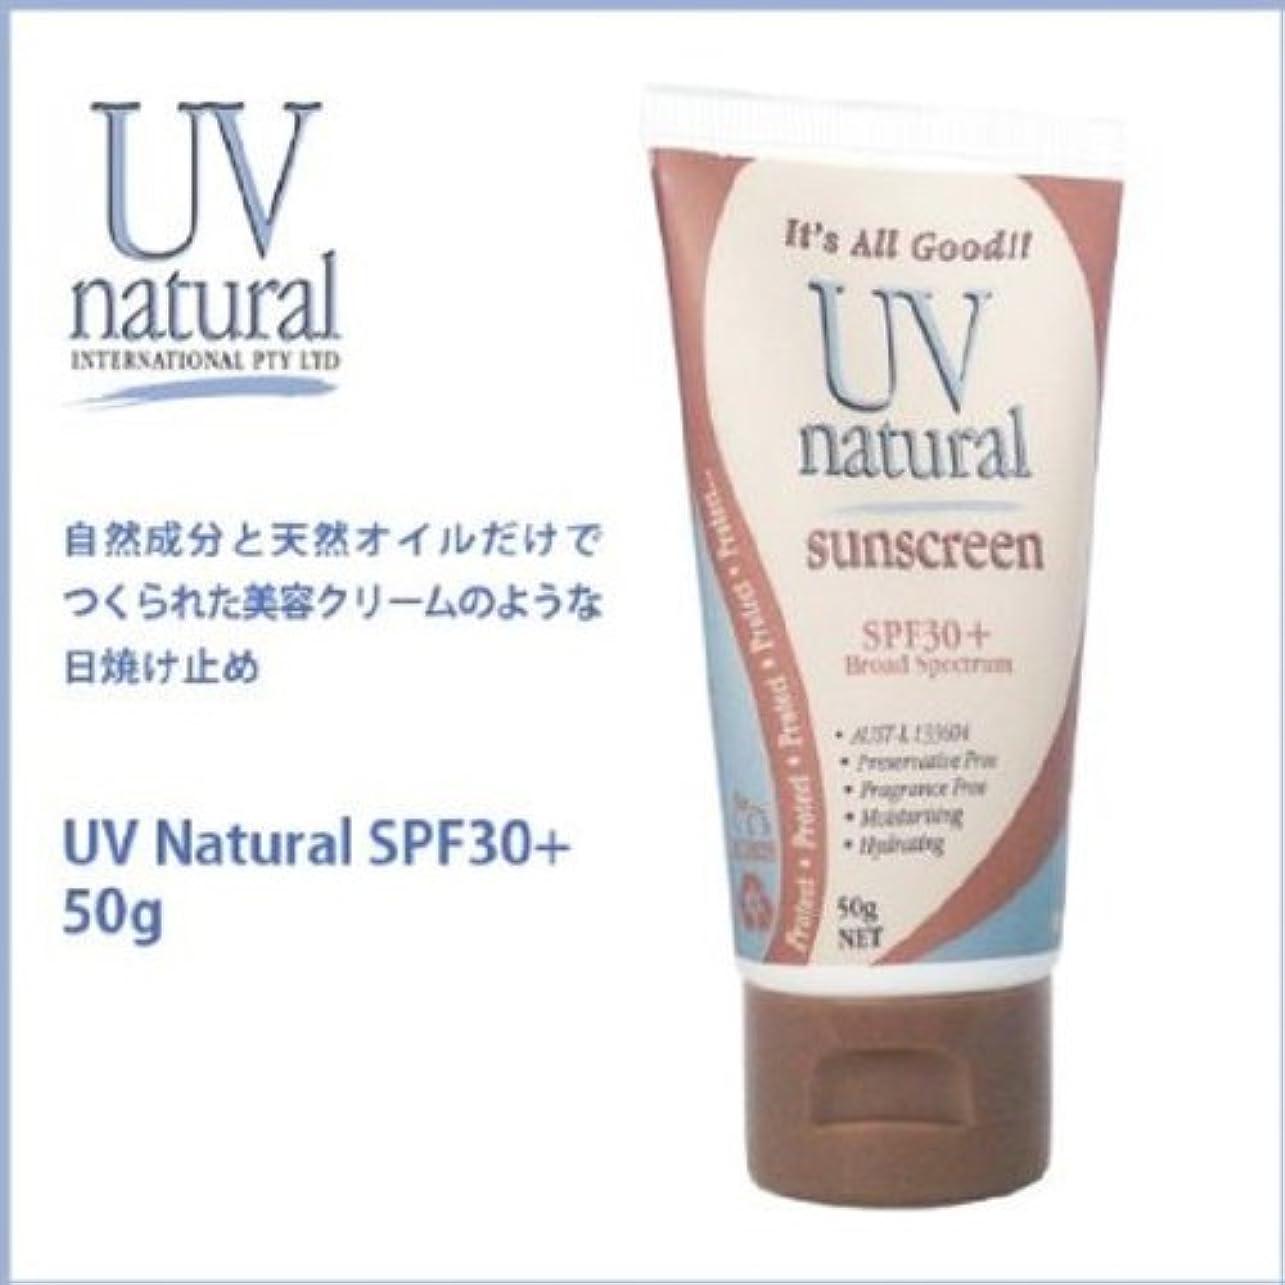 ラケットペストリー台無しに【UV NATURAL】日焼け止め Natural SPF30+ 50g 3本セット